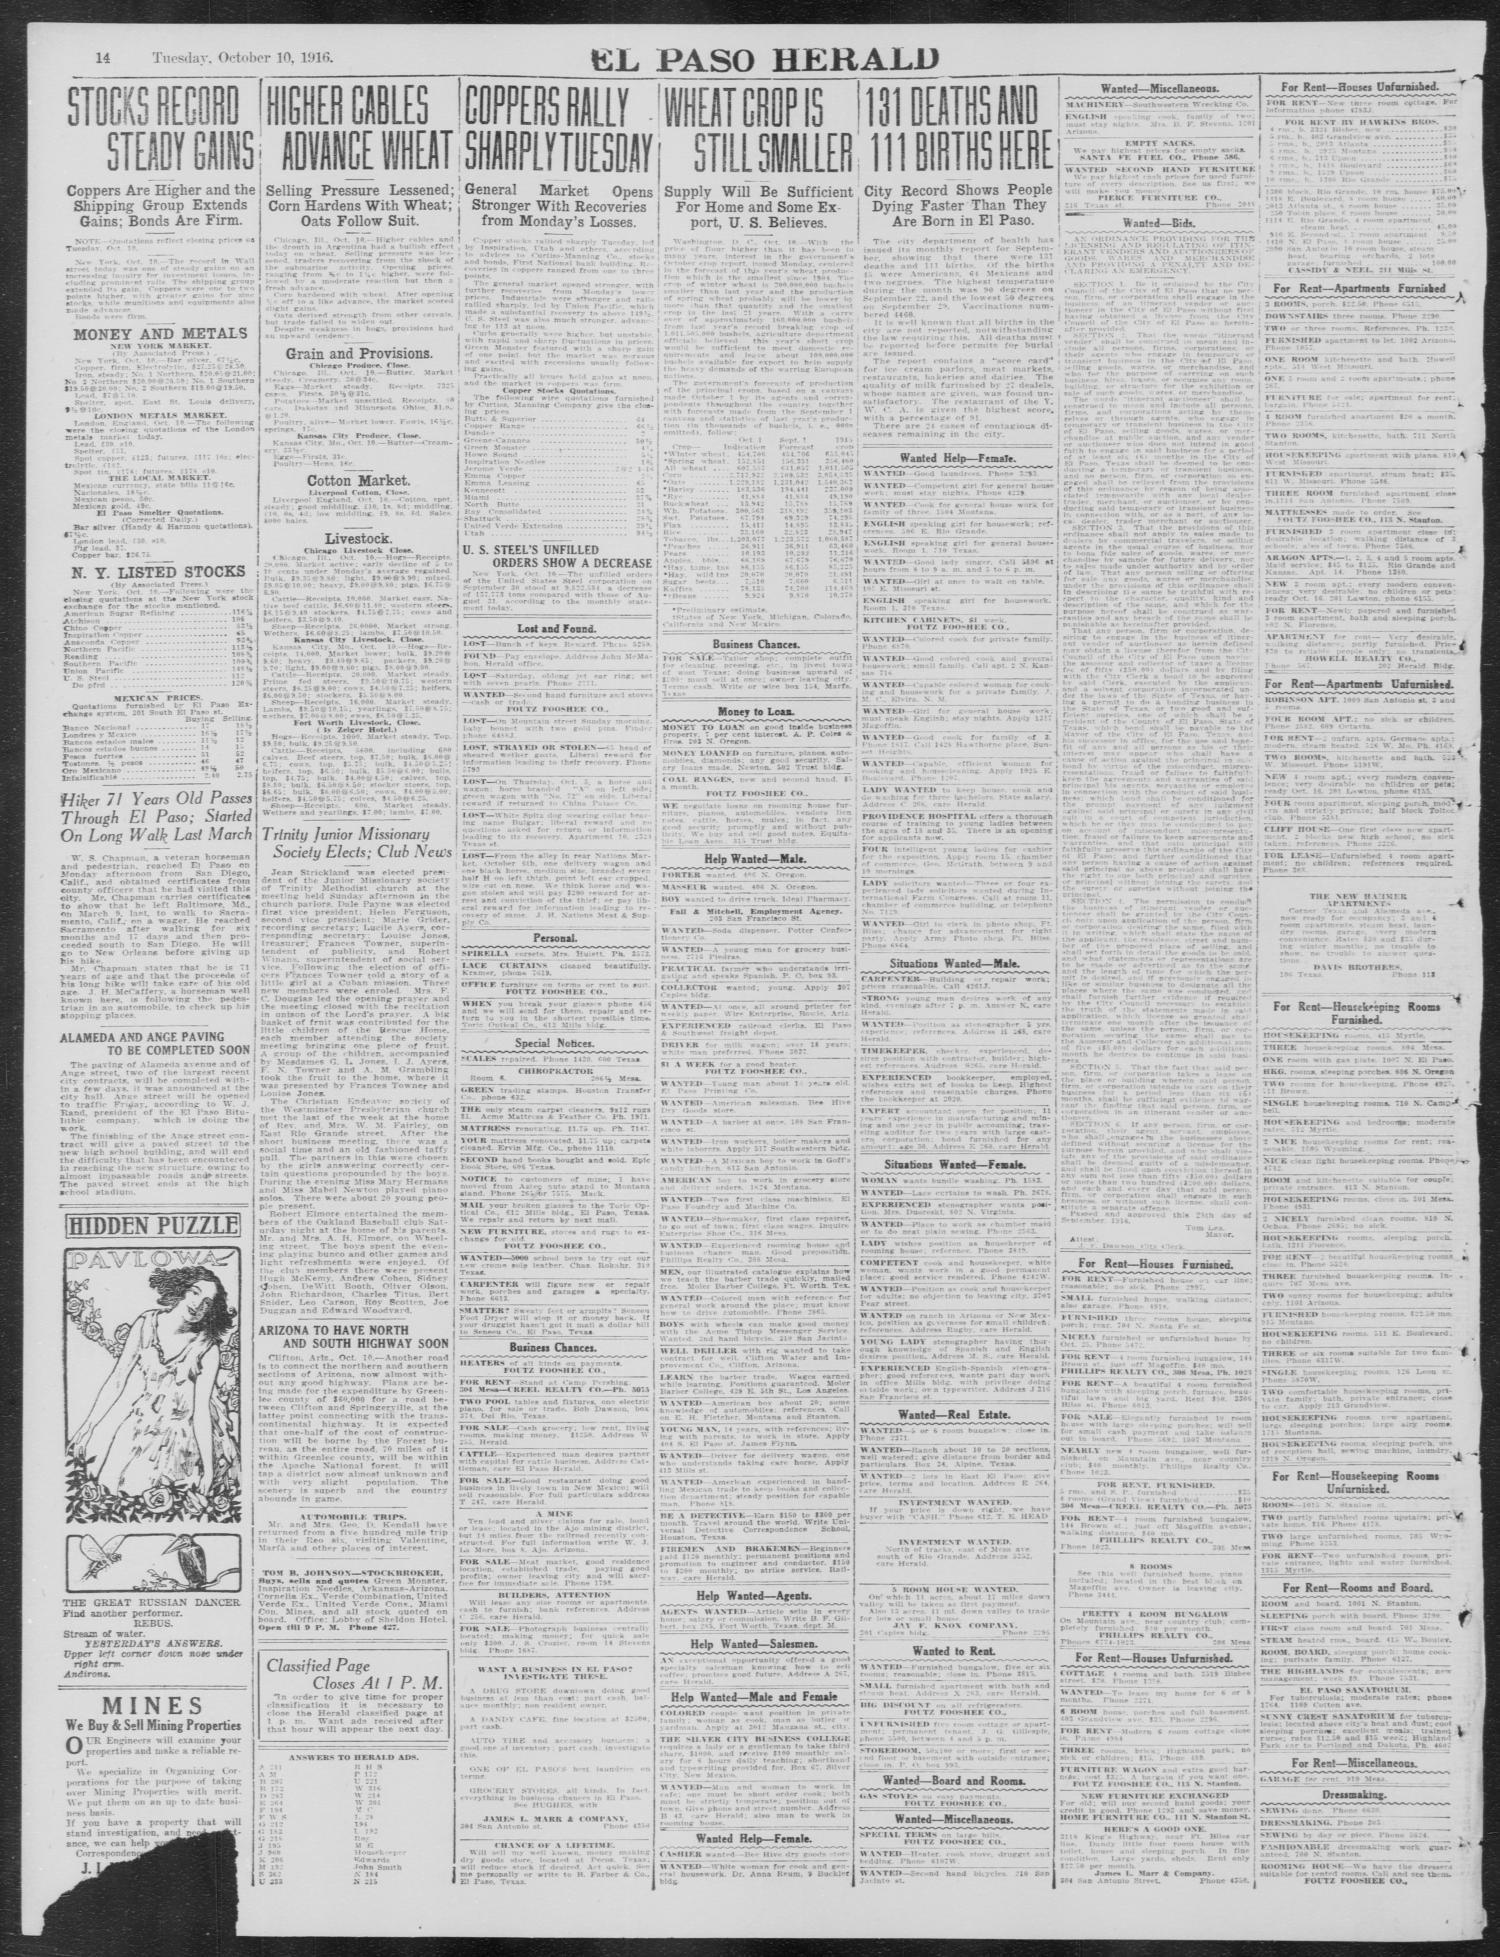 El Paso Herald (El Paso, Tex ), Ed  1, Tuesday, October 10, 1916